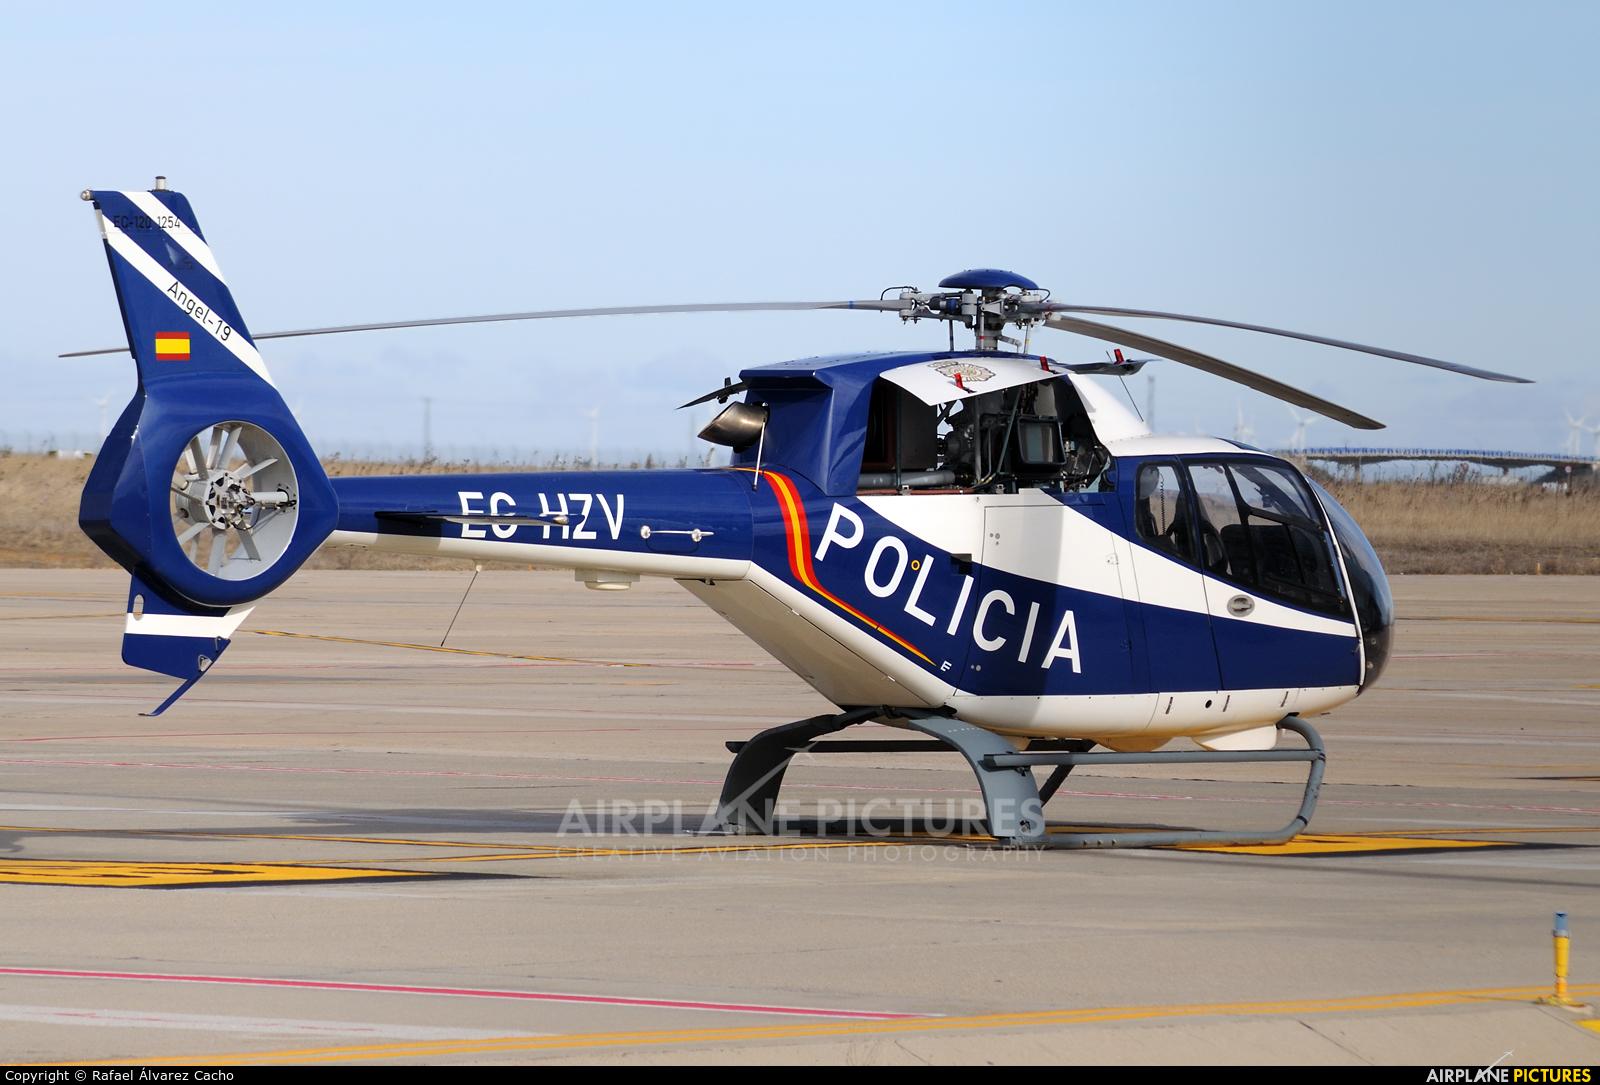 Spain - Police EC-HZV aircraft at Valladolid - Villanubla